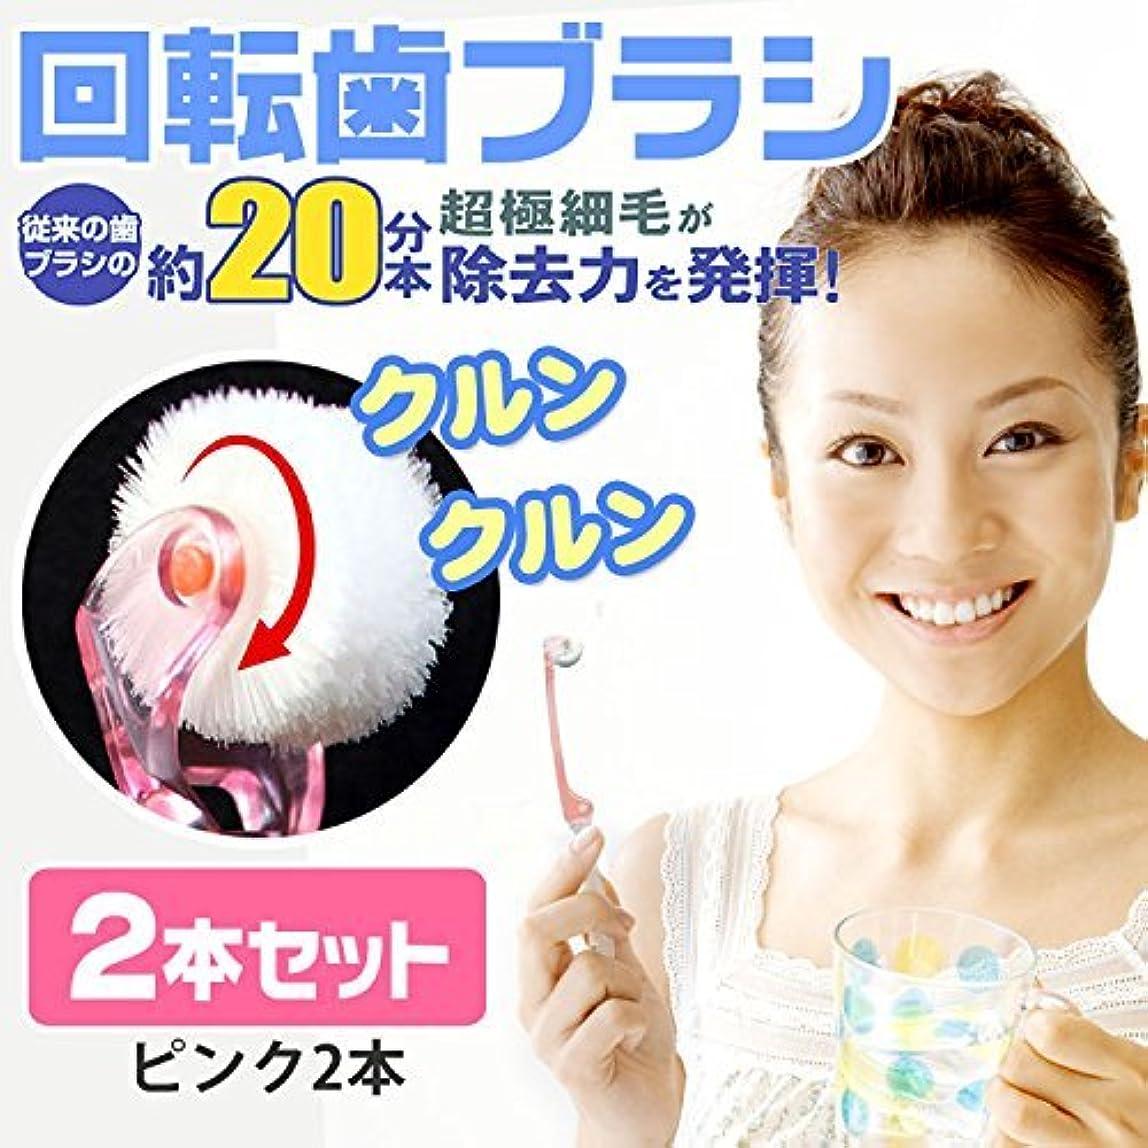 窓を洗うカーテン自我Newクルン 吸着回転歯ブラシ◆ピンク2本セット◆ レギュラーヘッド ピンク